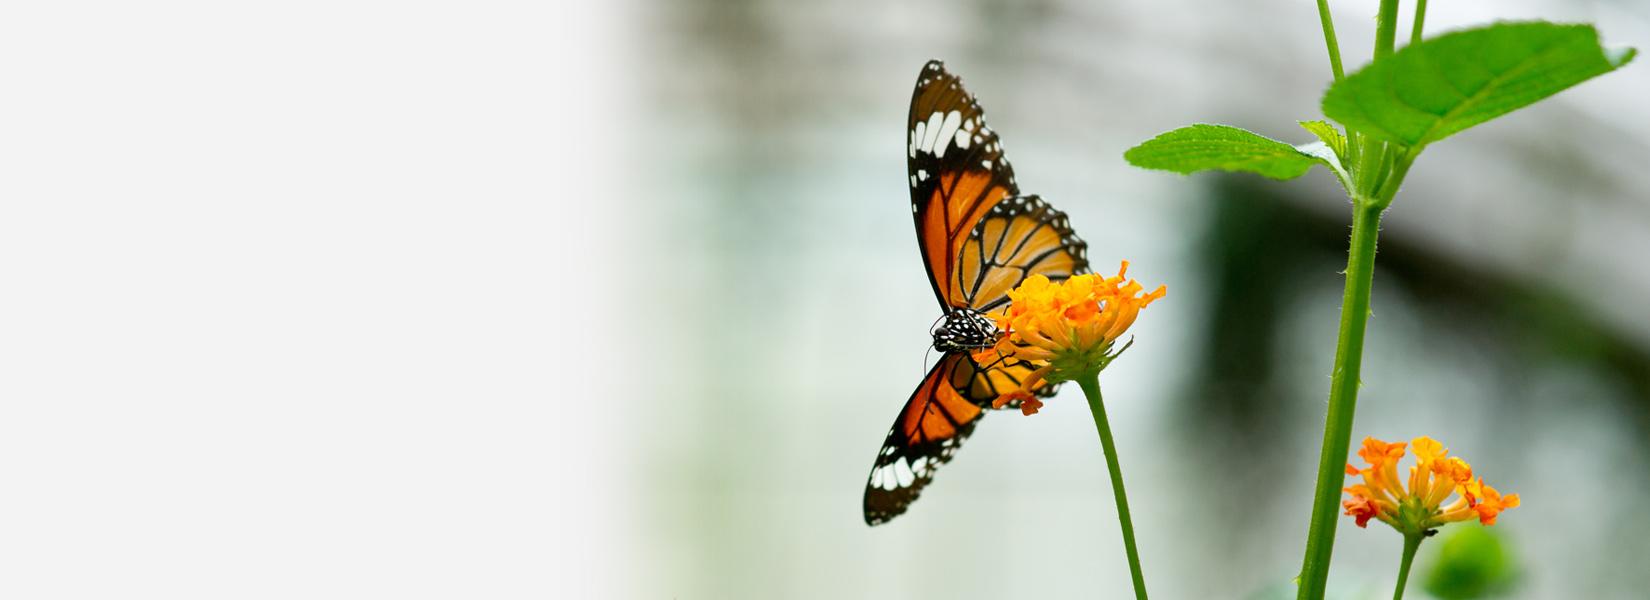 monarch butterfly lights on flower